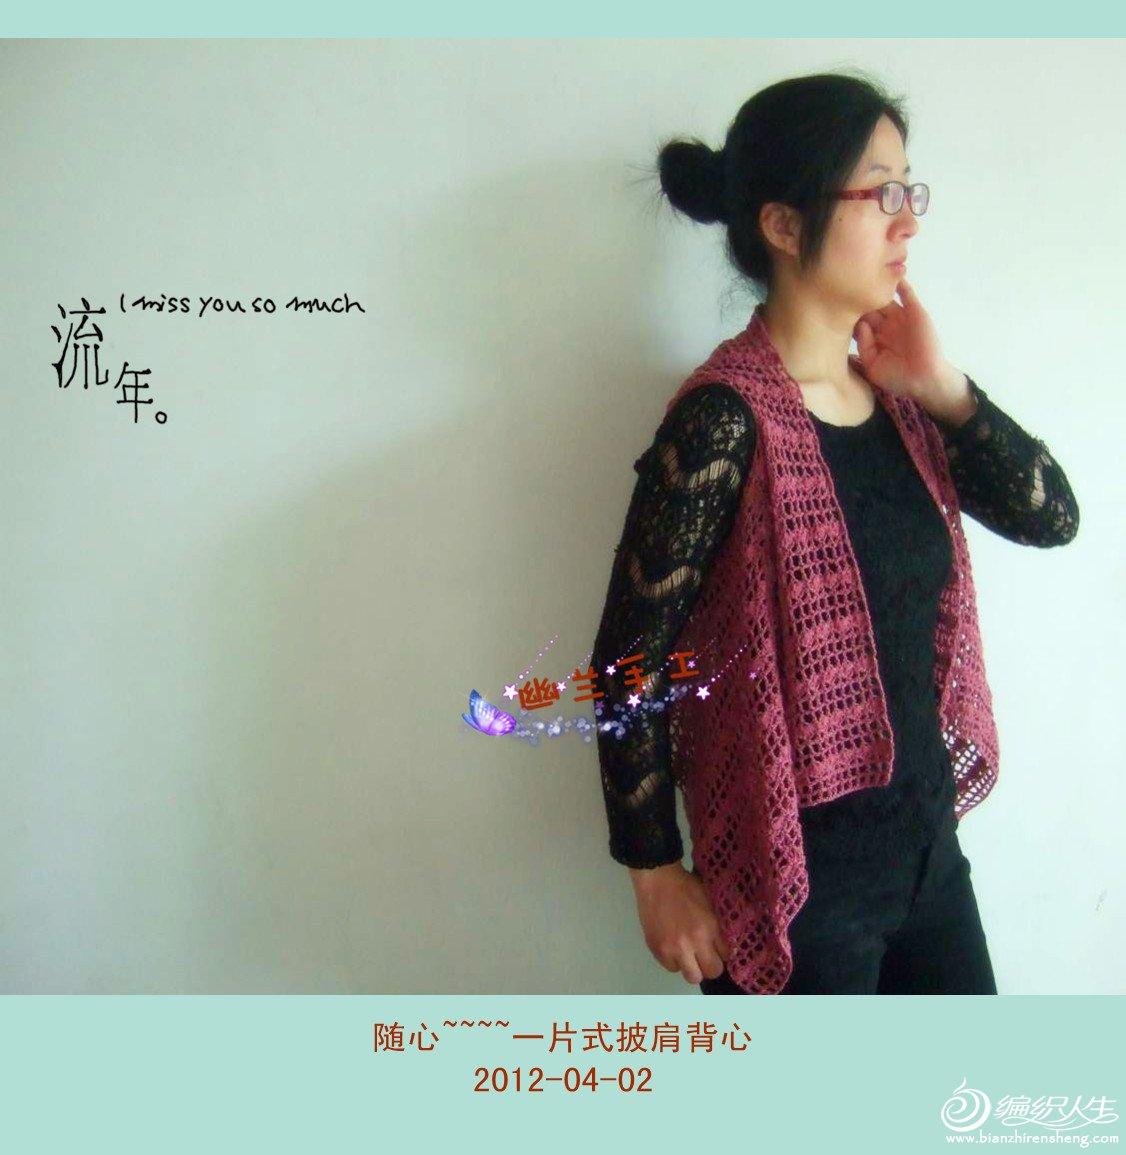 DSCF7355-1280_副本.jpg